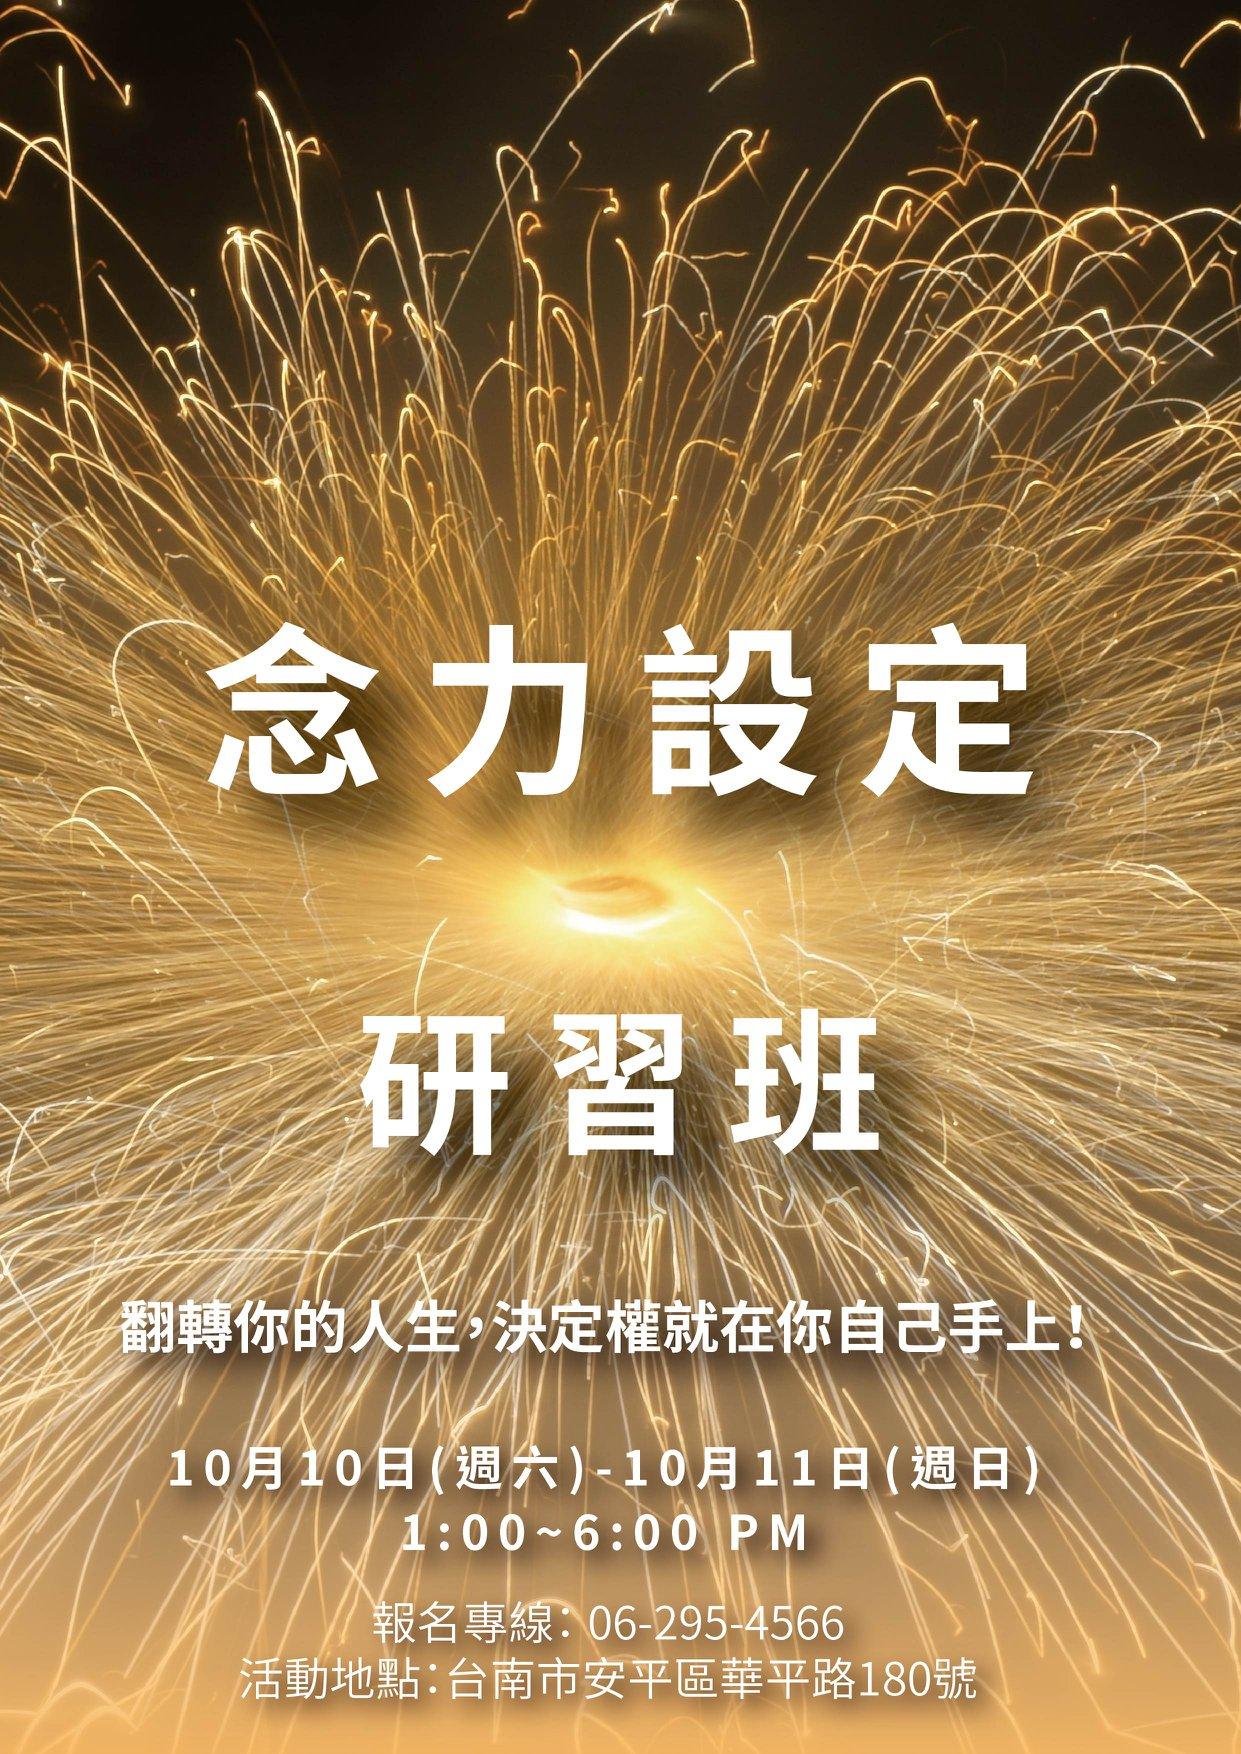 念力設定研習班 10/10-10/11